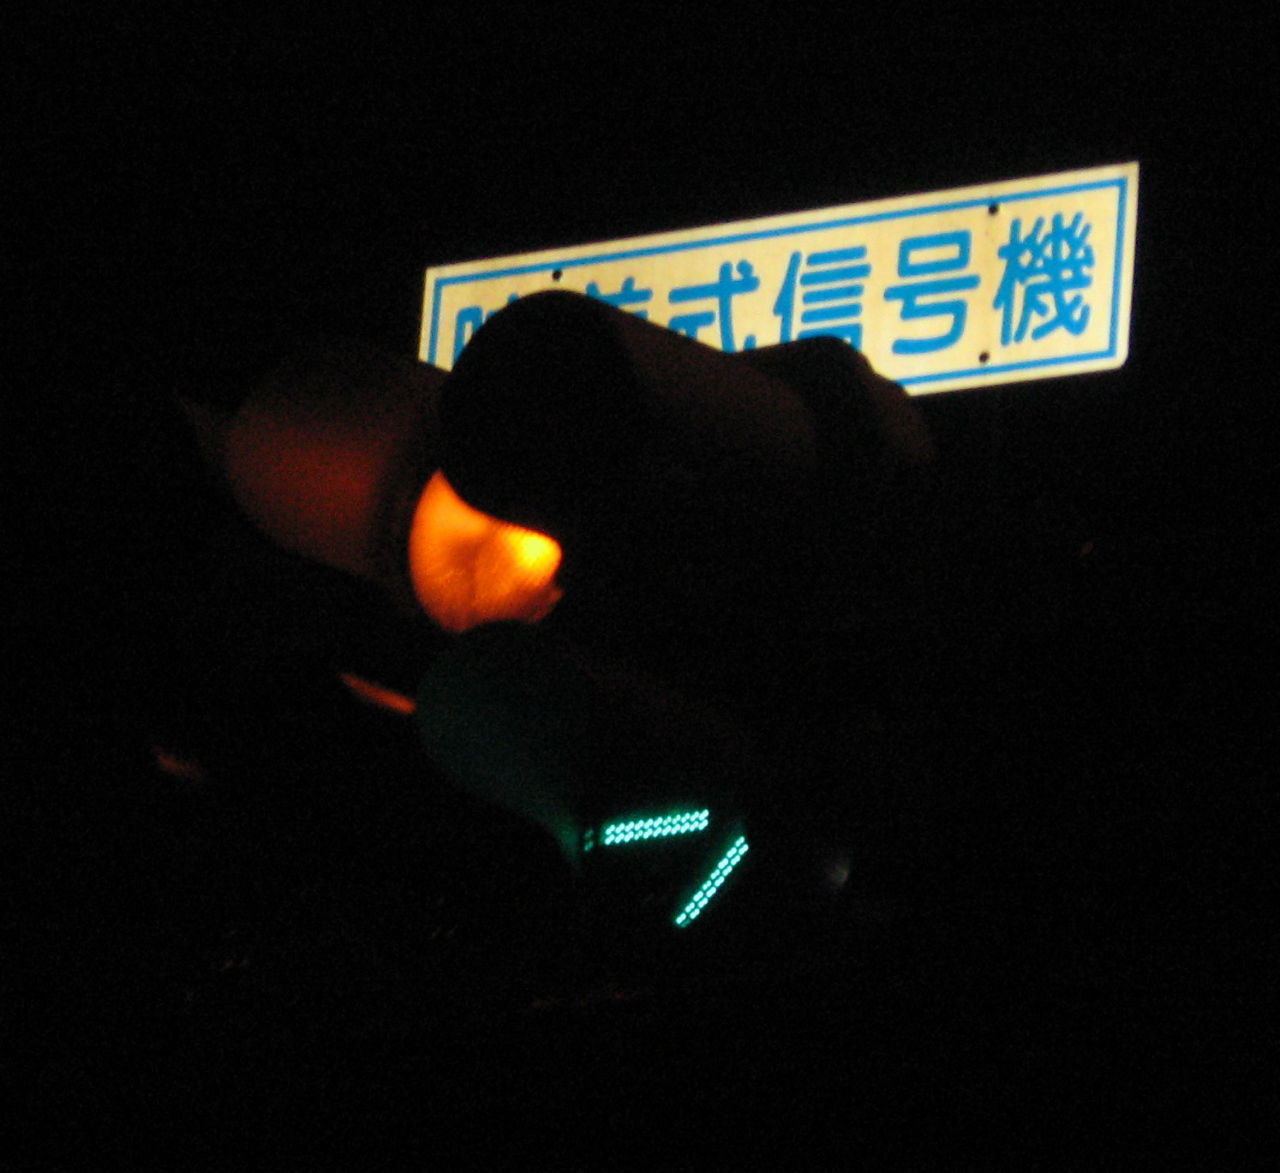 """5401 - 日本製鉄(株) ■このままだと、配当が年100円になっても上がらないかも! 自社株買いが必要に""""&rdq"""